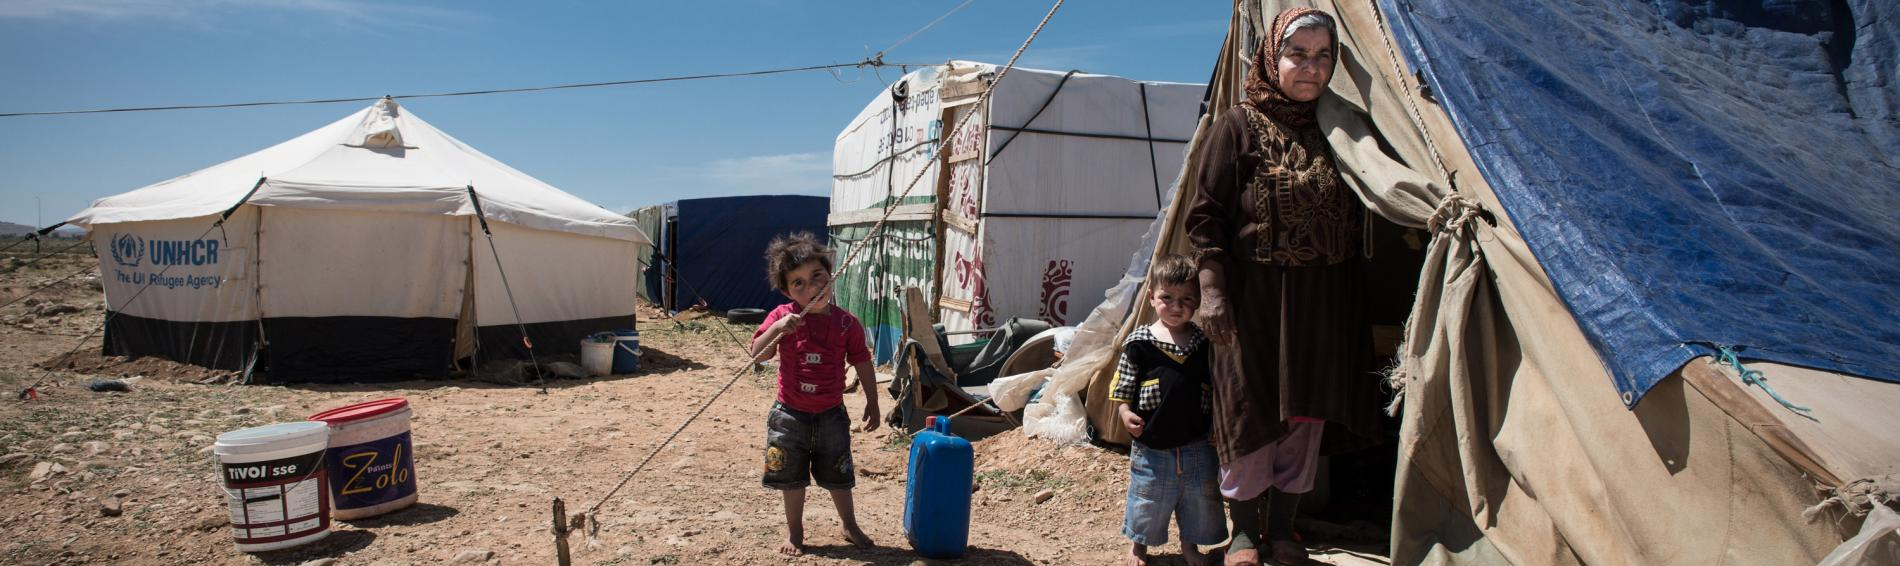 Das Flüchtlingslager in der Bekaa-Ebene. Foto:Guillaume Pinon